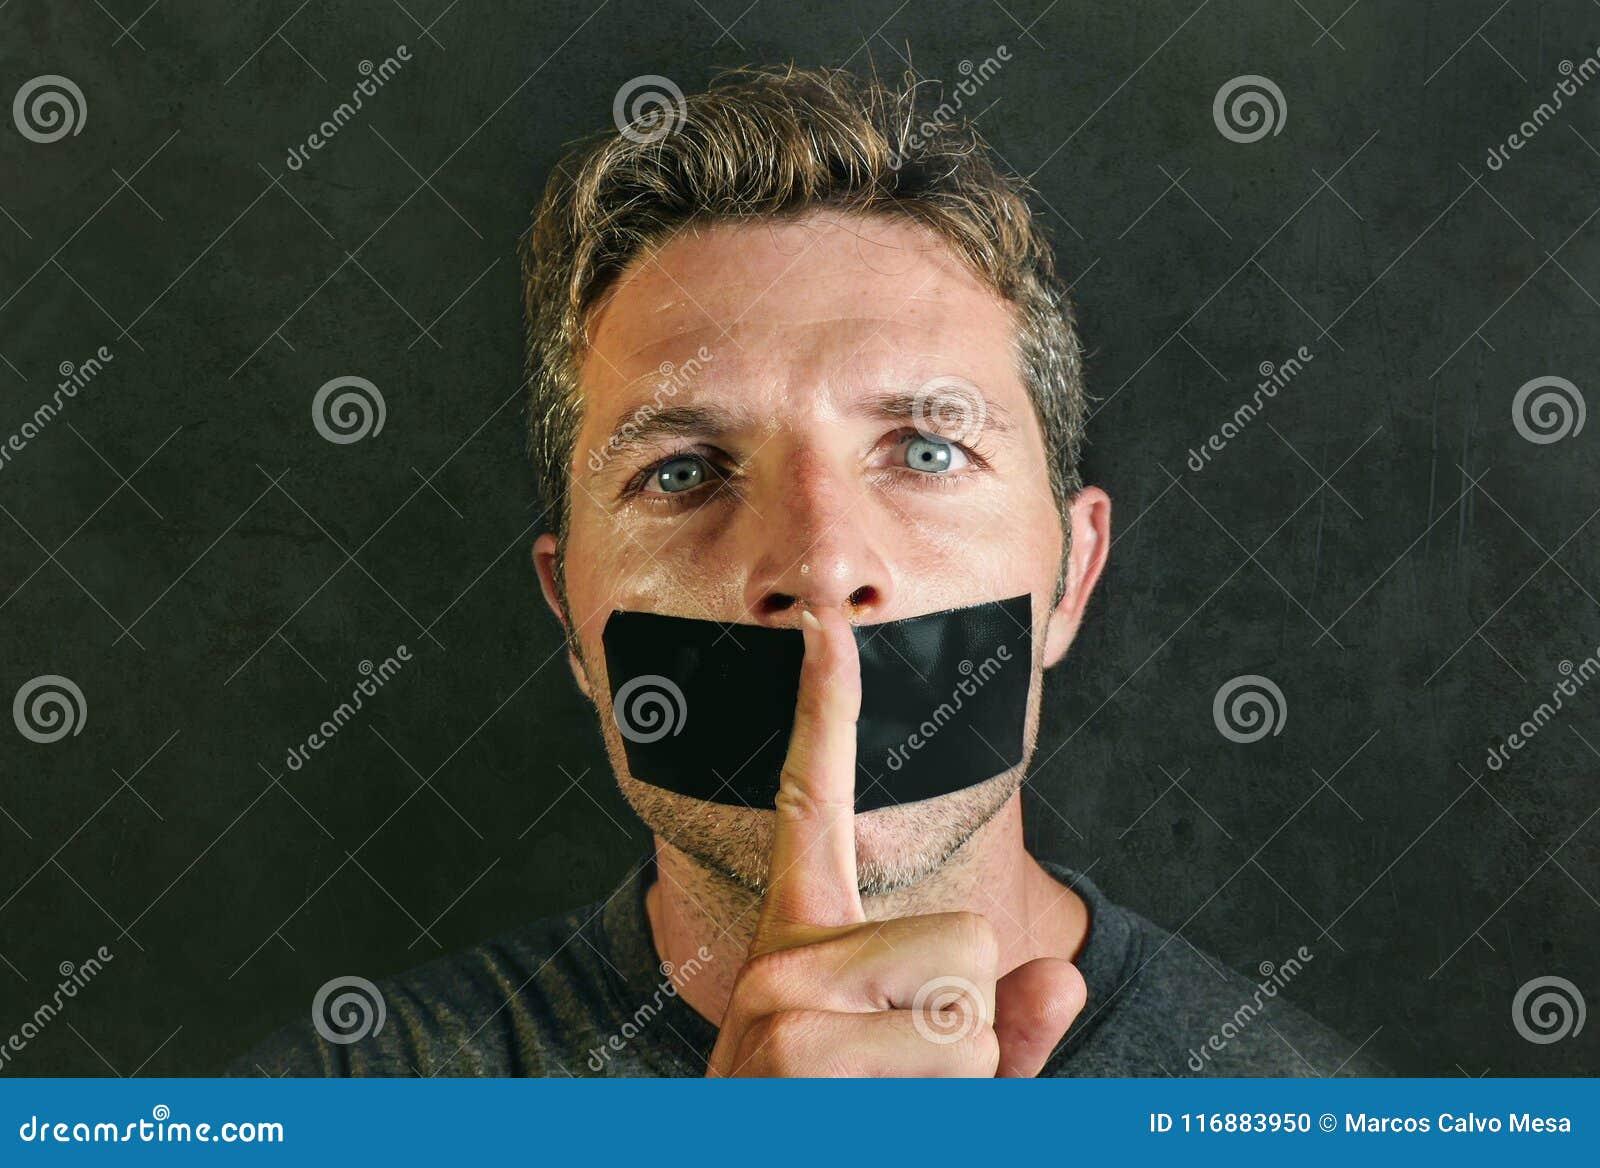 Junger Mann mit Mund und Lippen versiegelten bedeckt mit Klebstreifen in Zensur gezwungener Redefreiheit und gezwungene Ruhe und